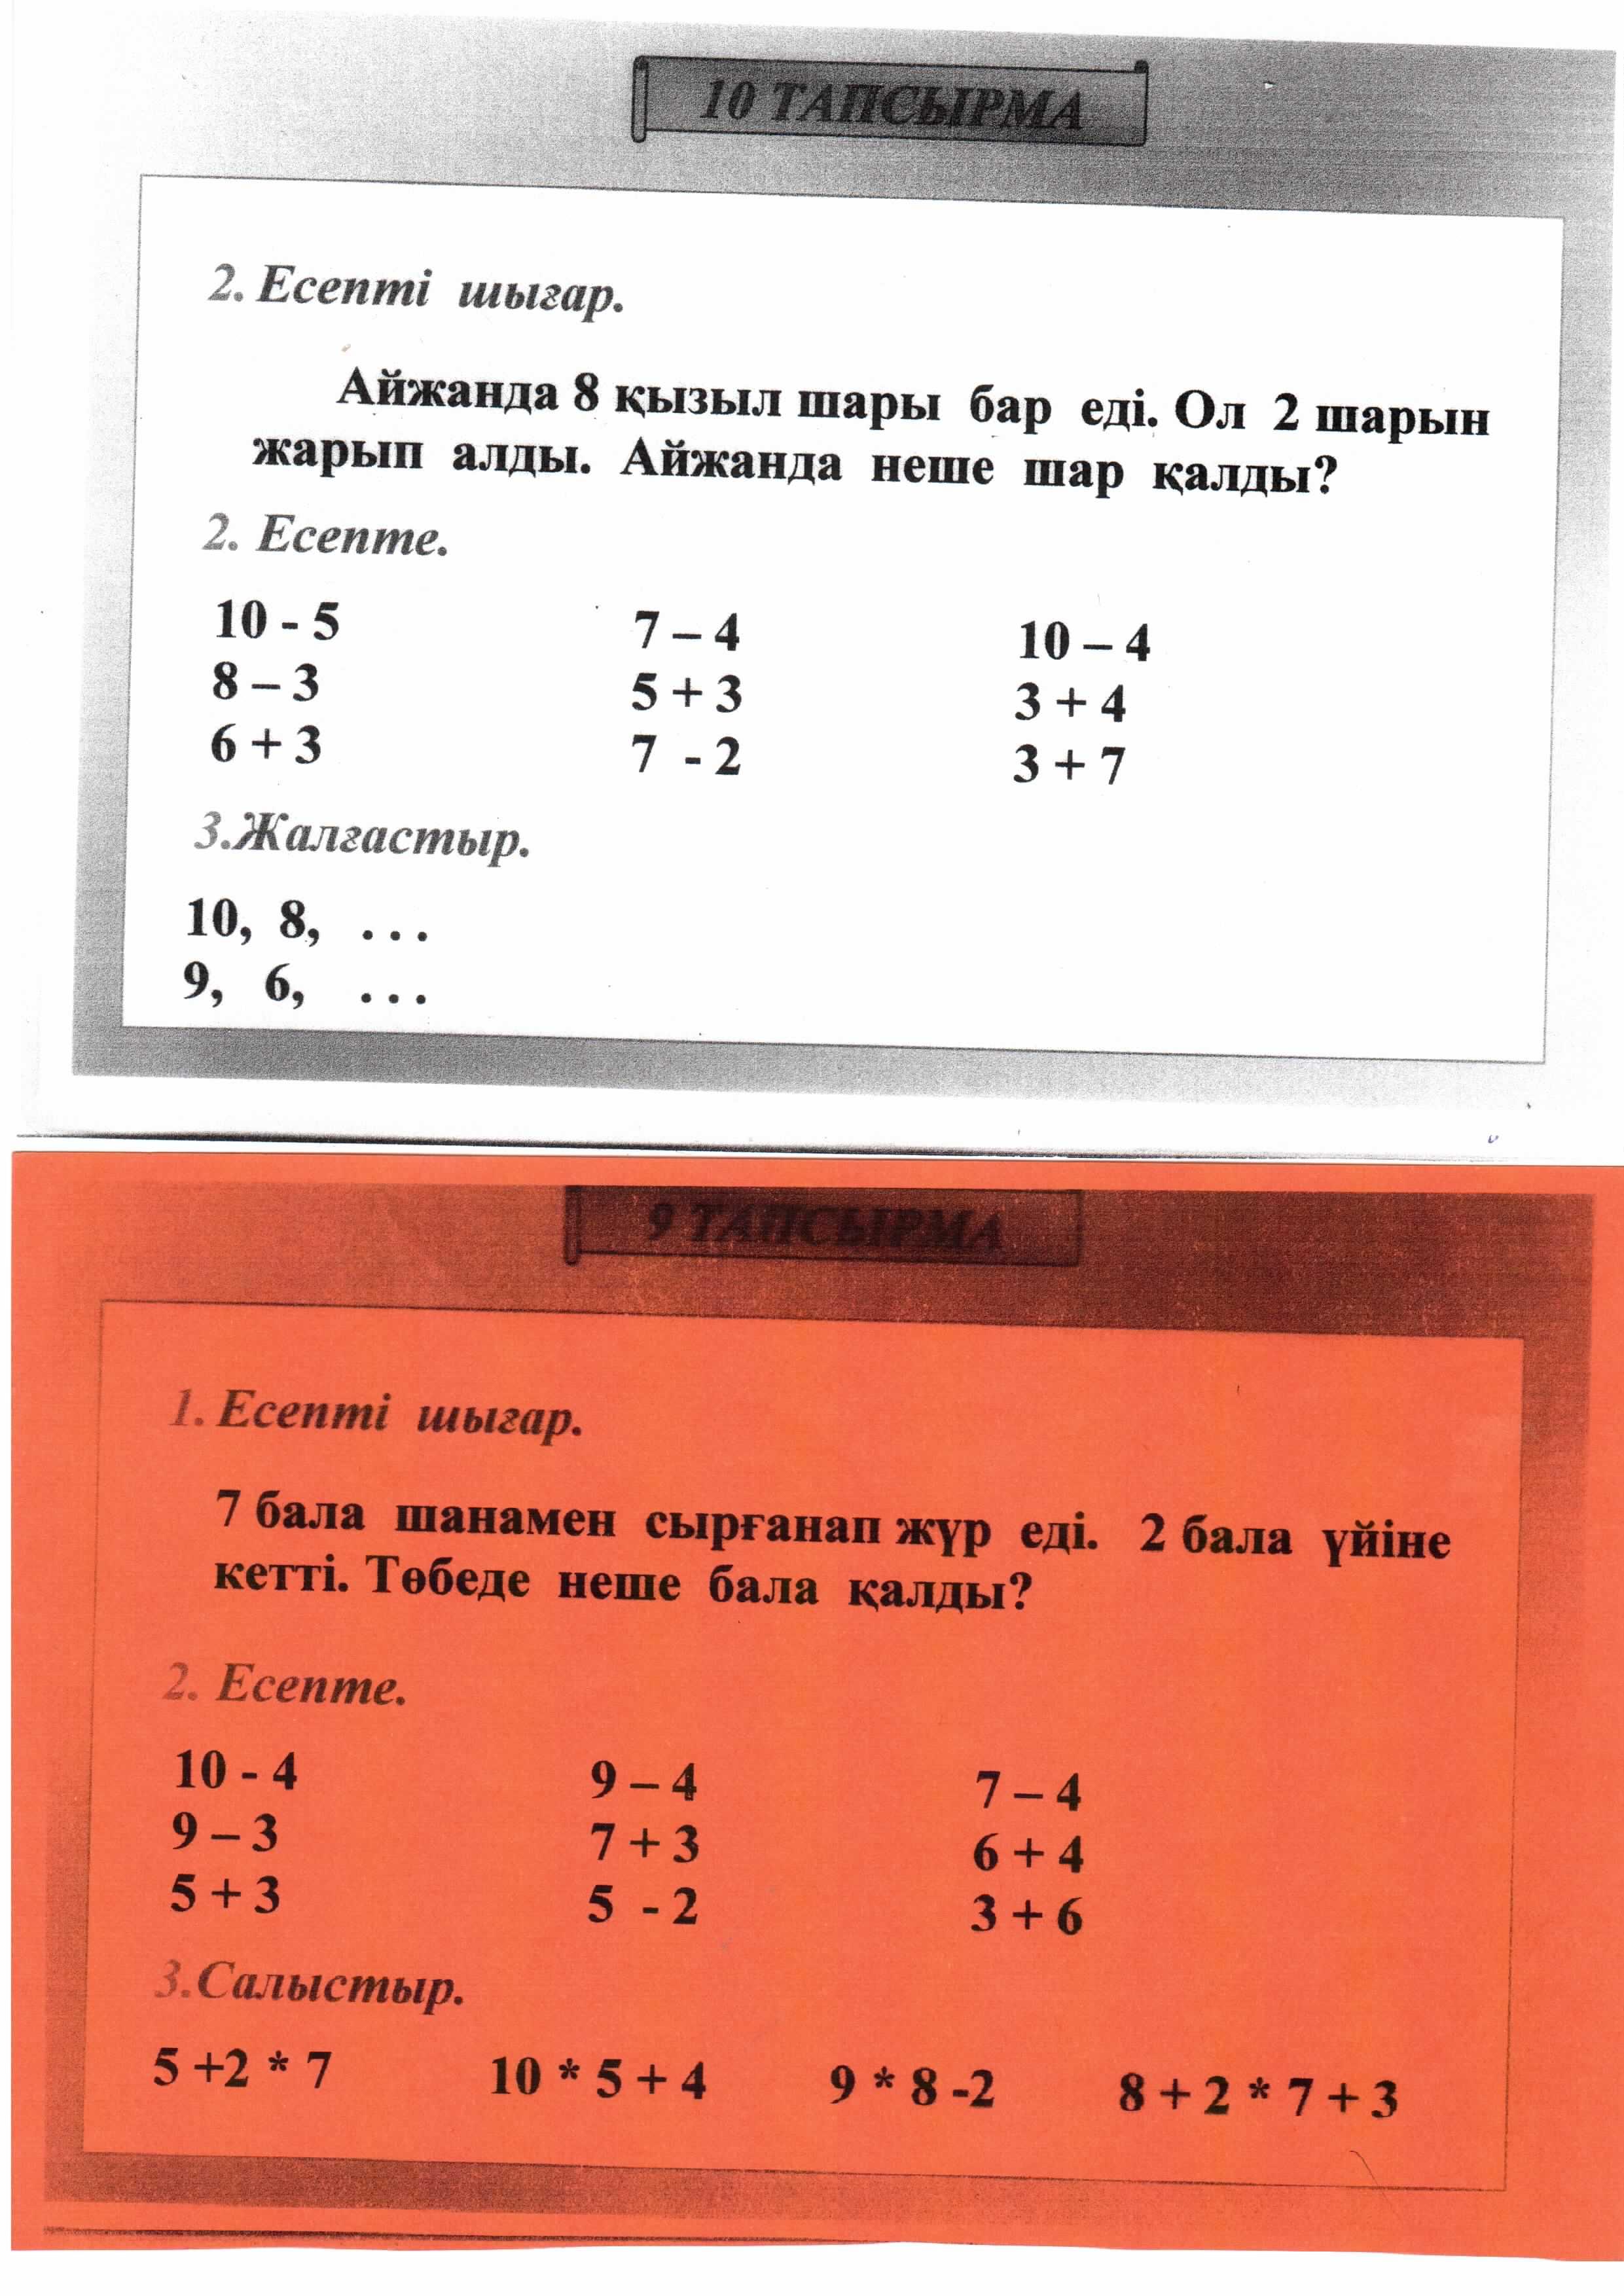 C:\Users\Zarina\Desktop\1111\_20140115_23260302.jpg